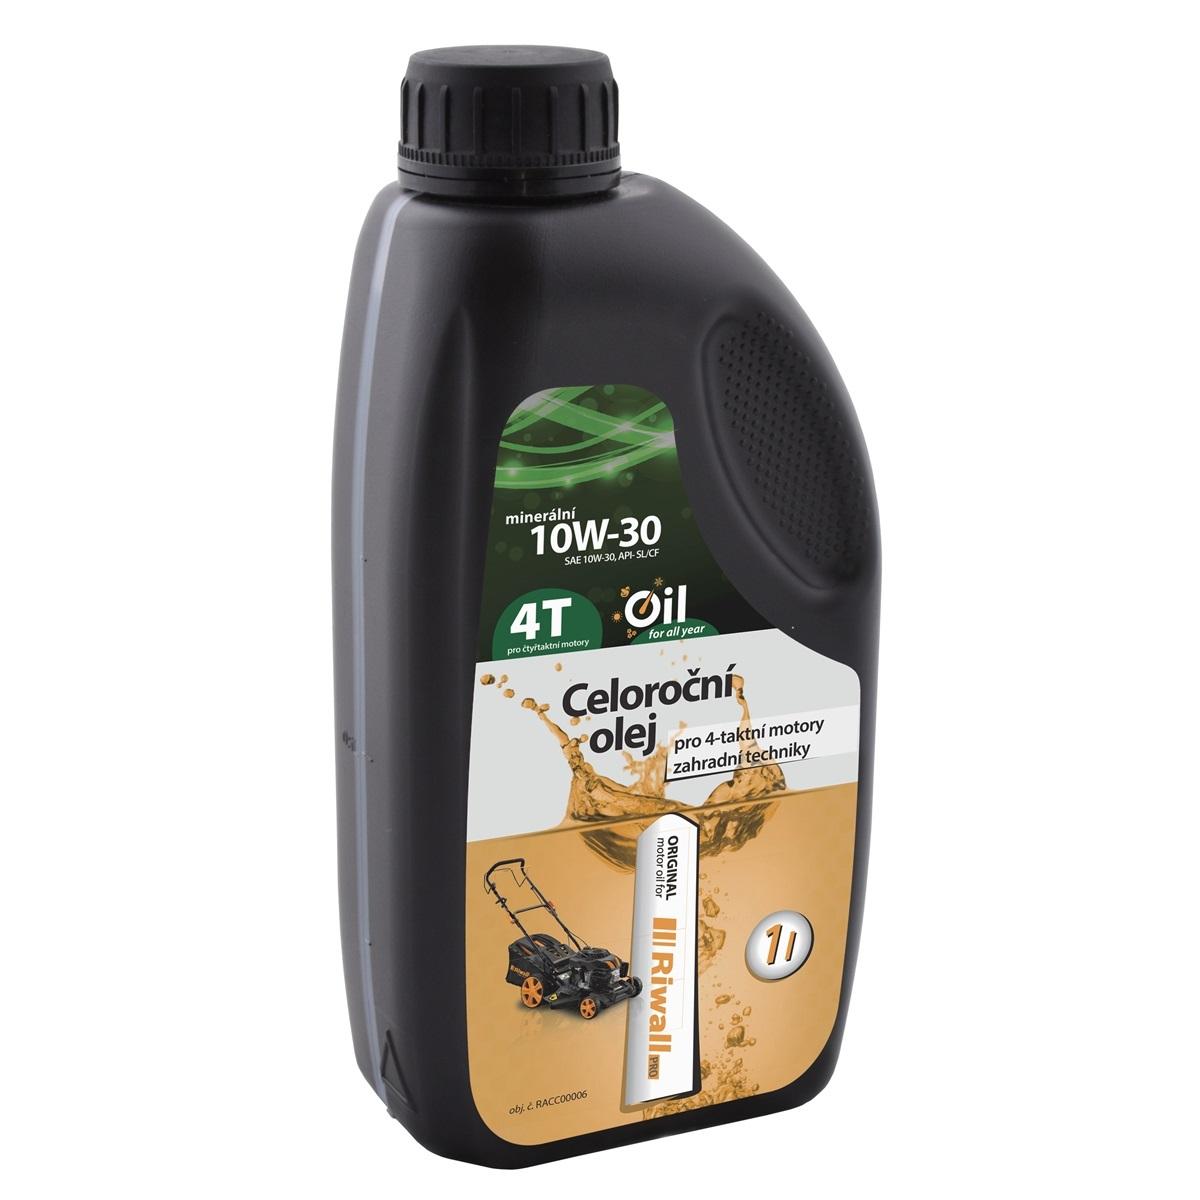 Celoroční olej Riwall pro 4-taktní motory (1 l, SAE10W-30)